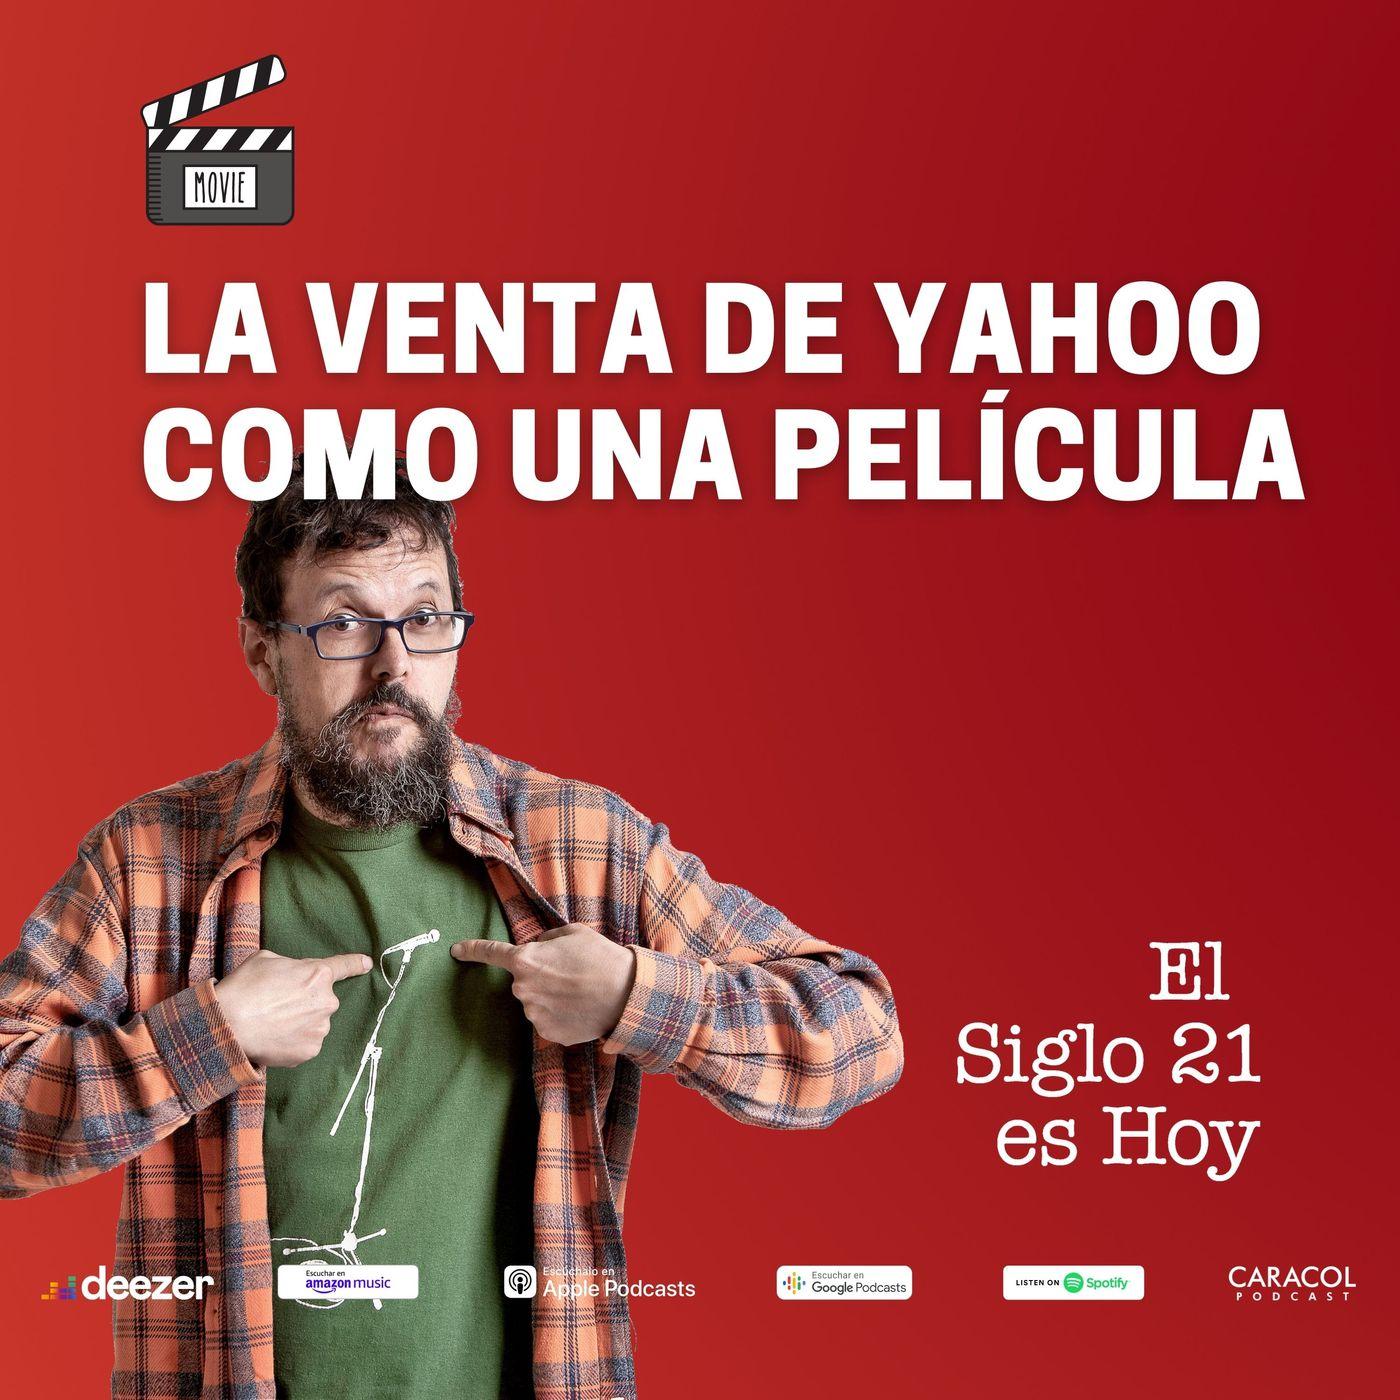 La venta de Yahoo explicada como una película